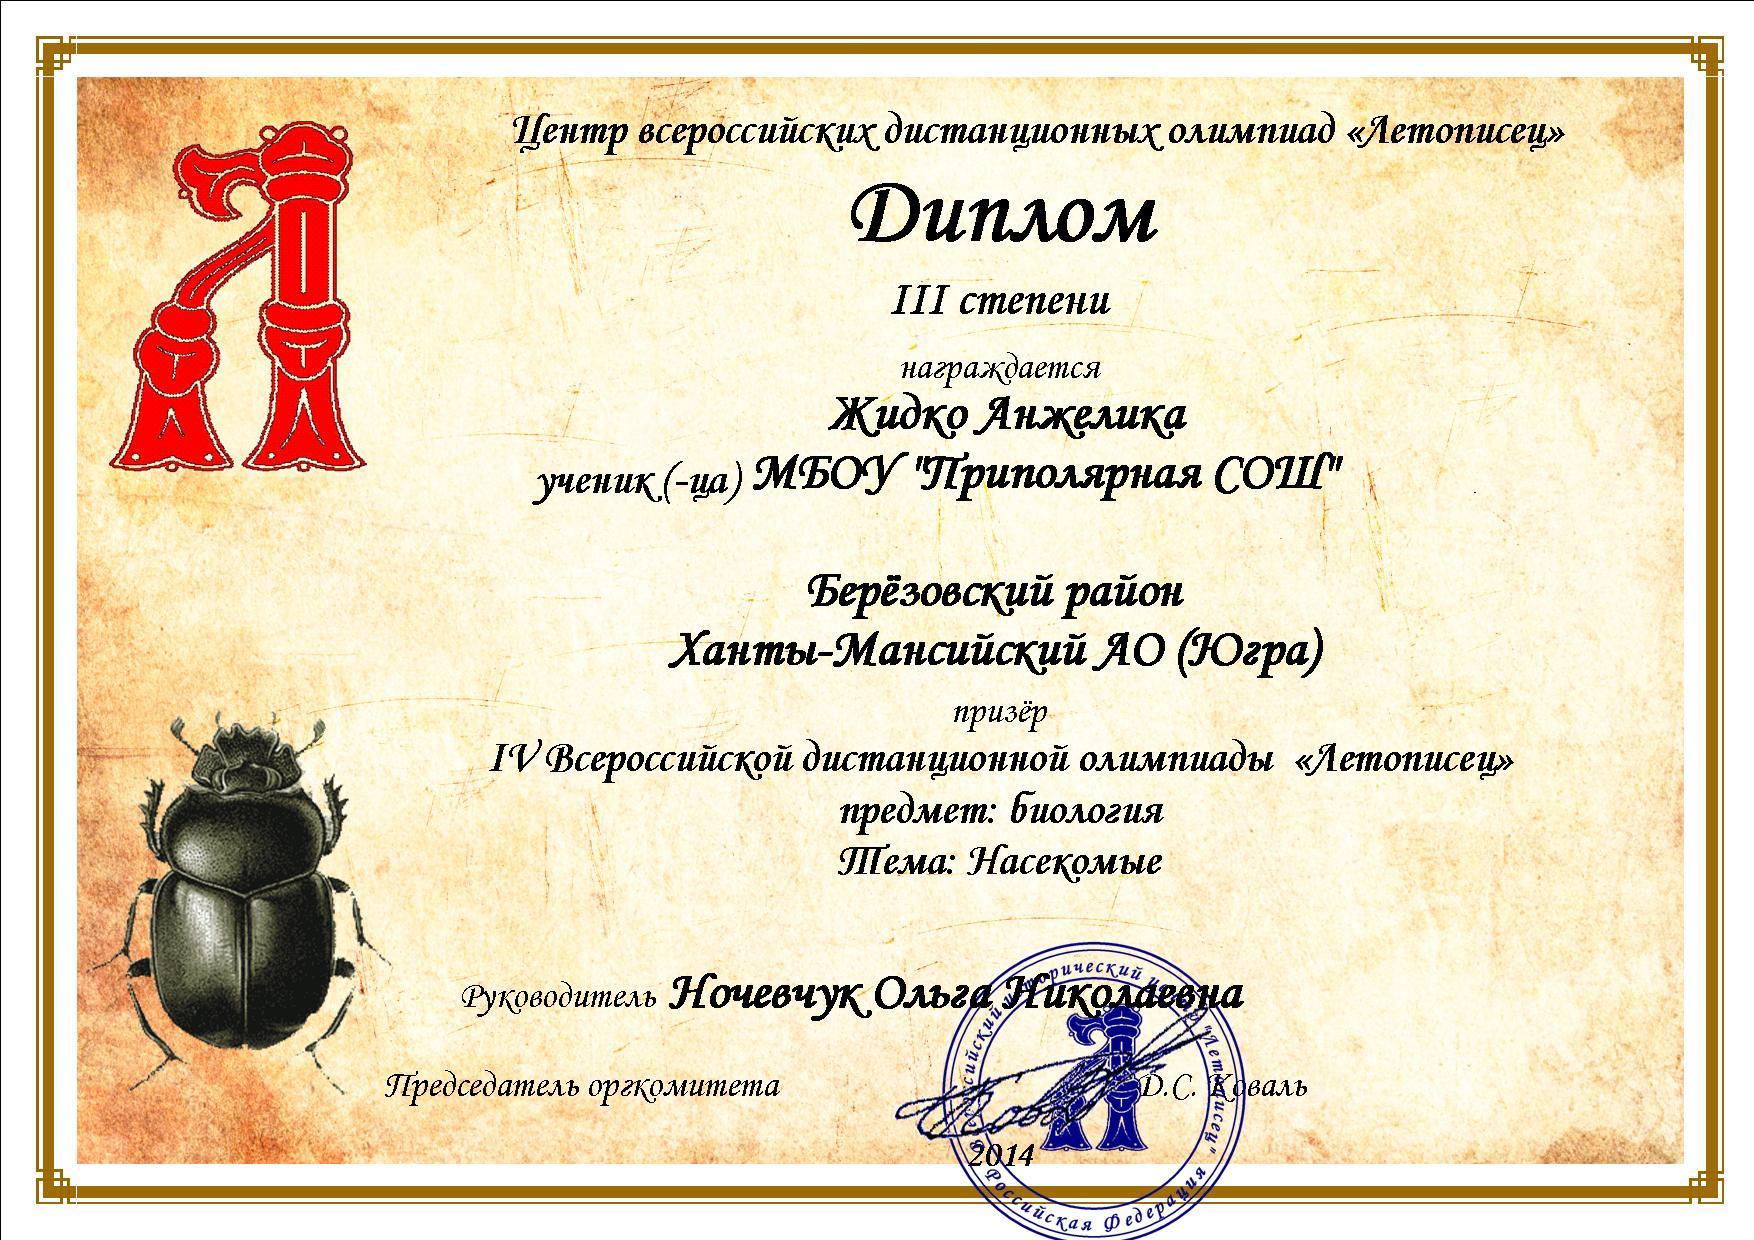 F:\документы ОНочевчук\4.2 победители\13 диплом 3 степени биология.jpg